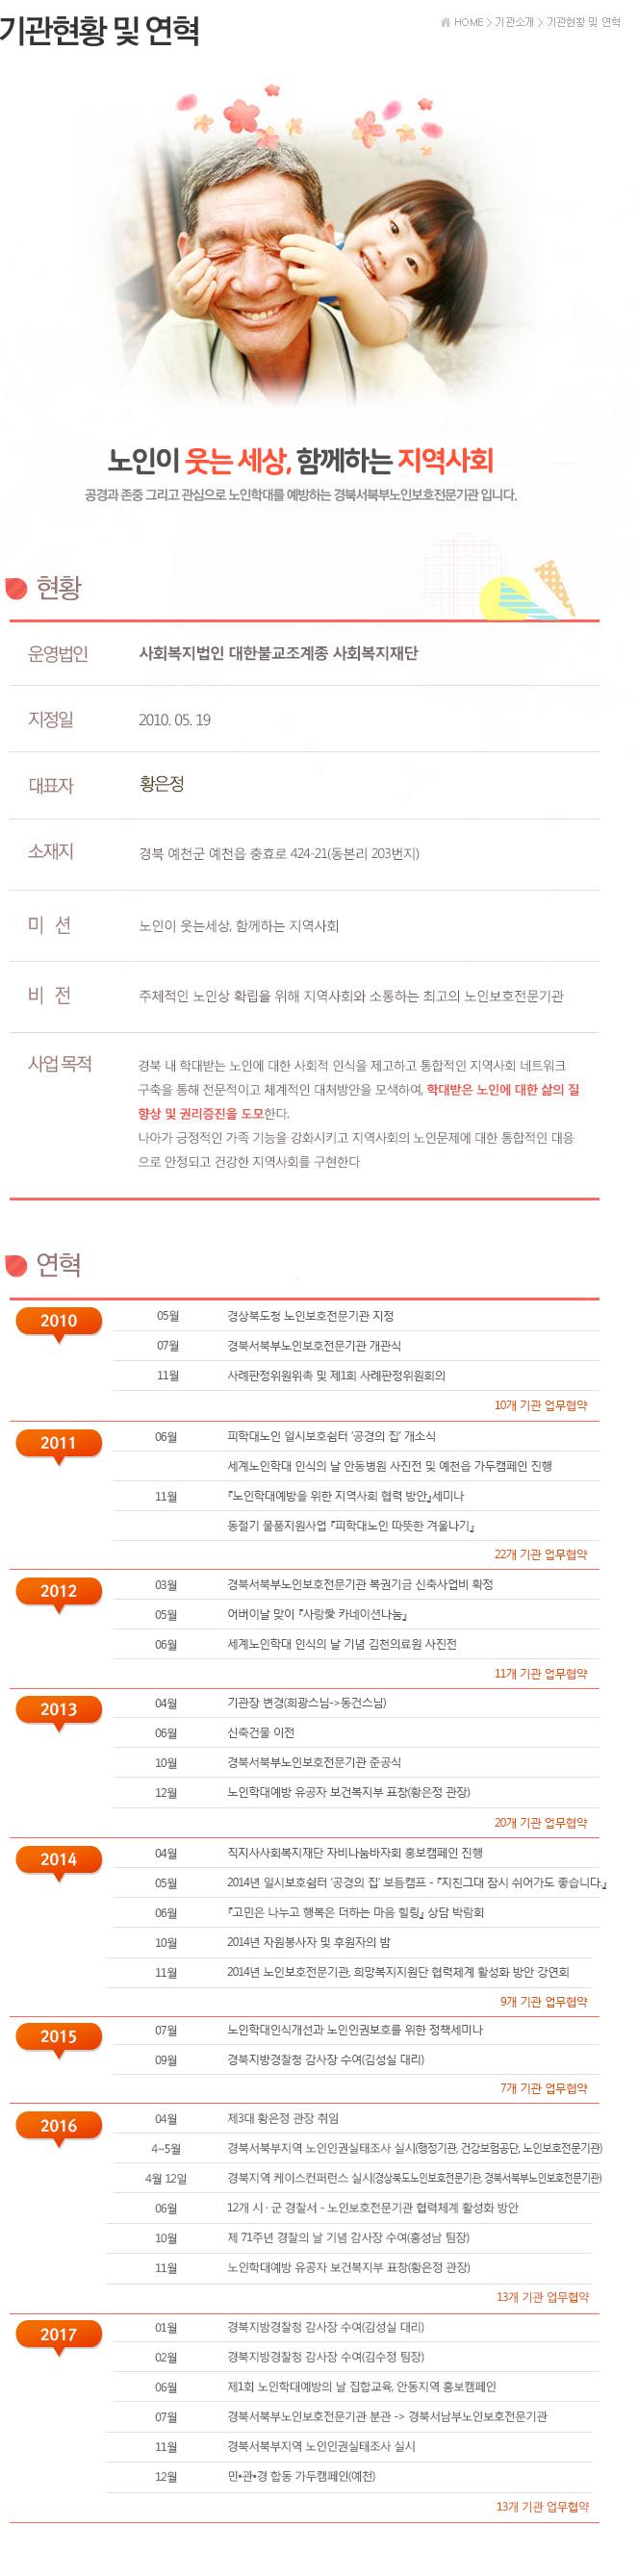 기관현황및연혁2018.jpg